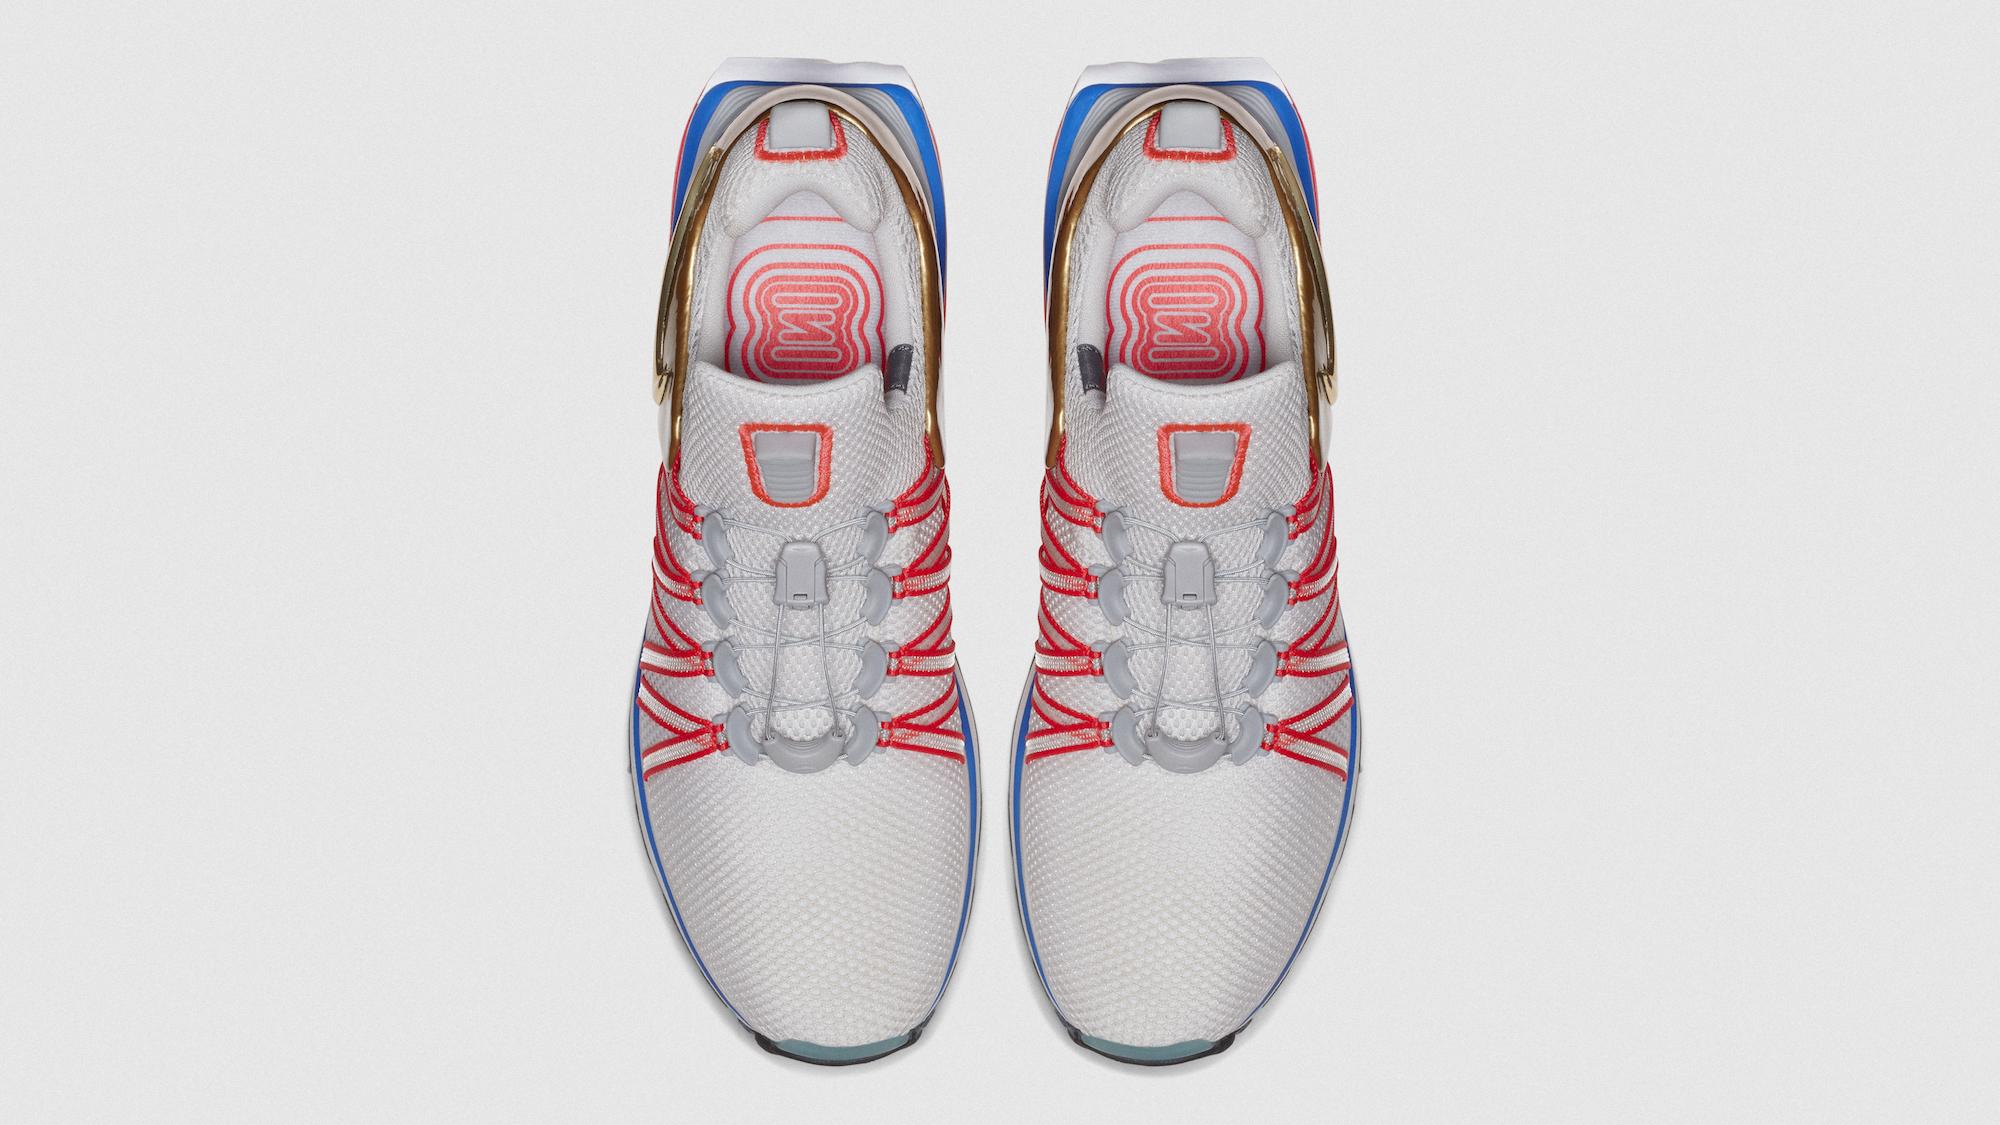 Calzado Nike Shox Mundo Gravedad Opinión Del Corredor w6Tn0